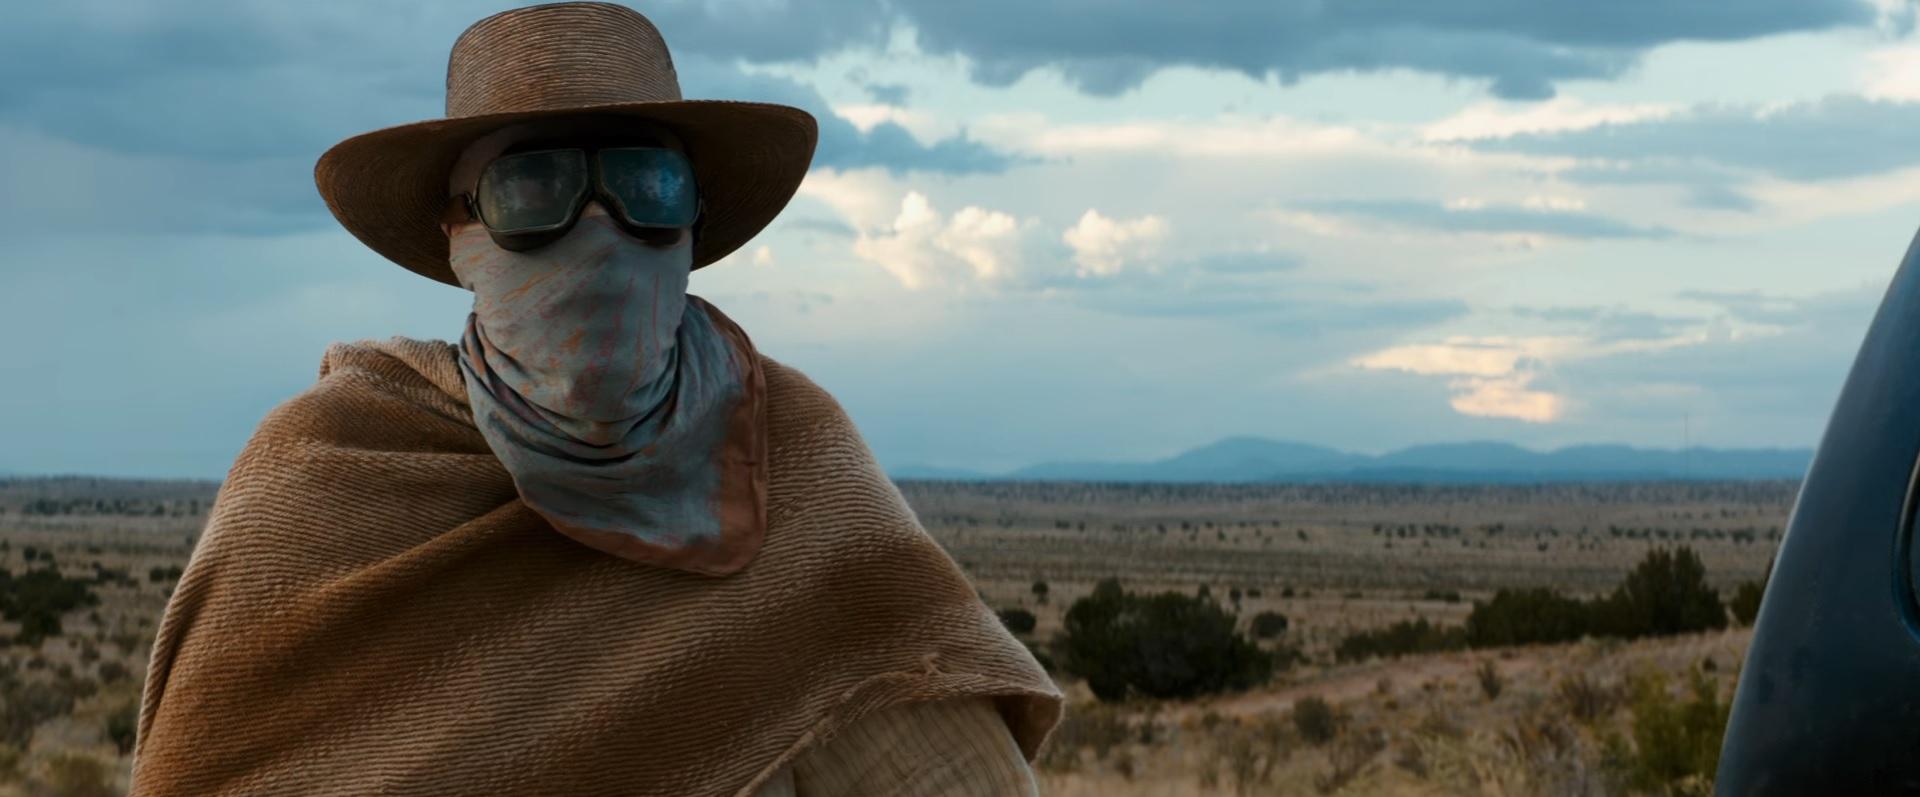 Caliban, que aparece em X-Men: Apocalipse, reaparece com visual de western. (Foto: Fox)